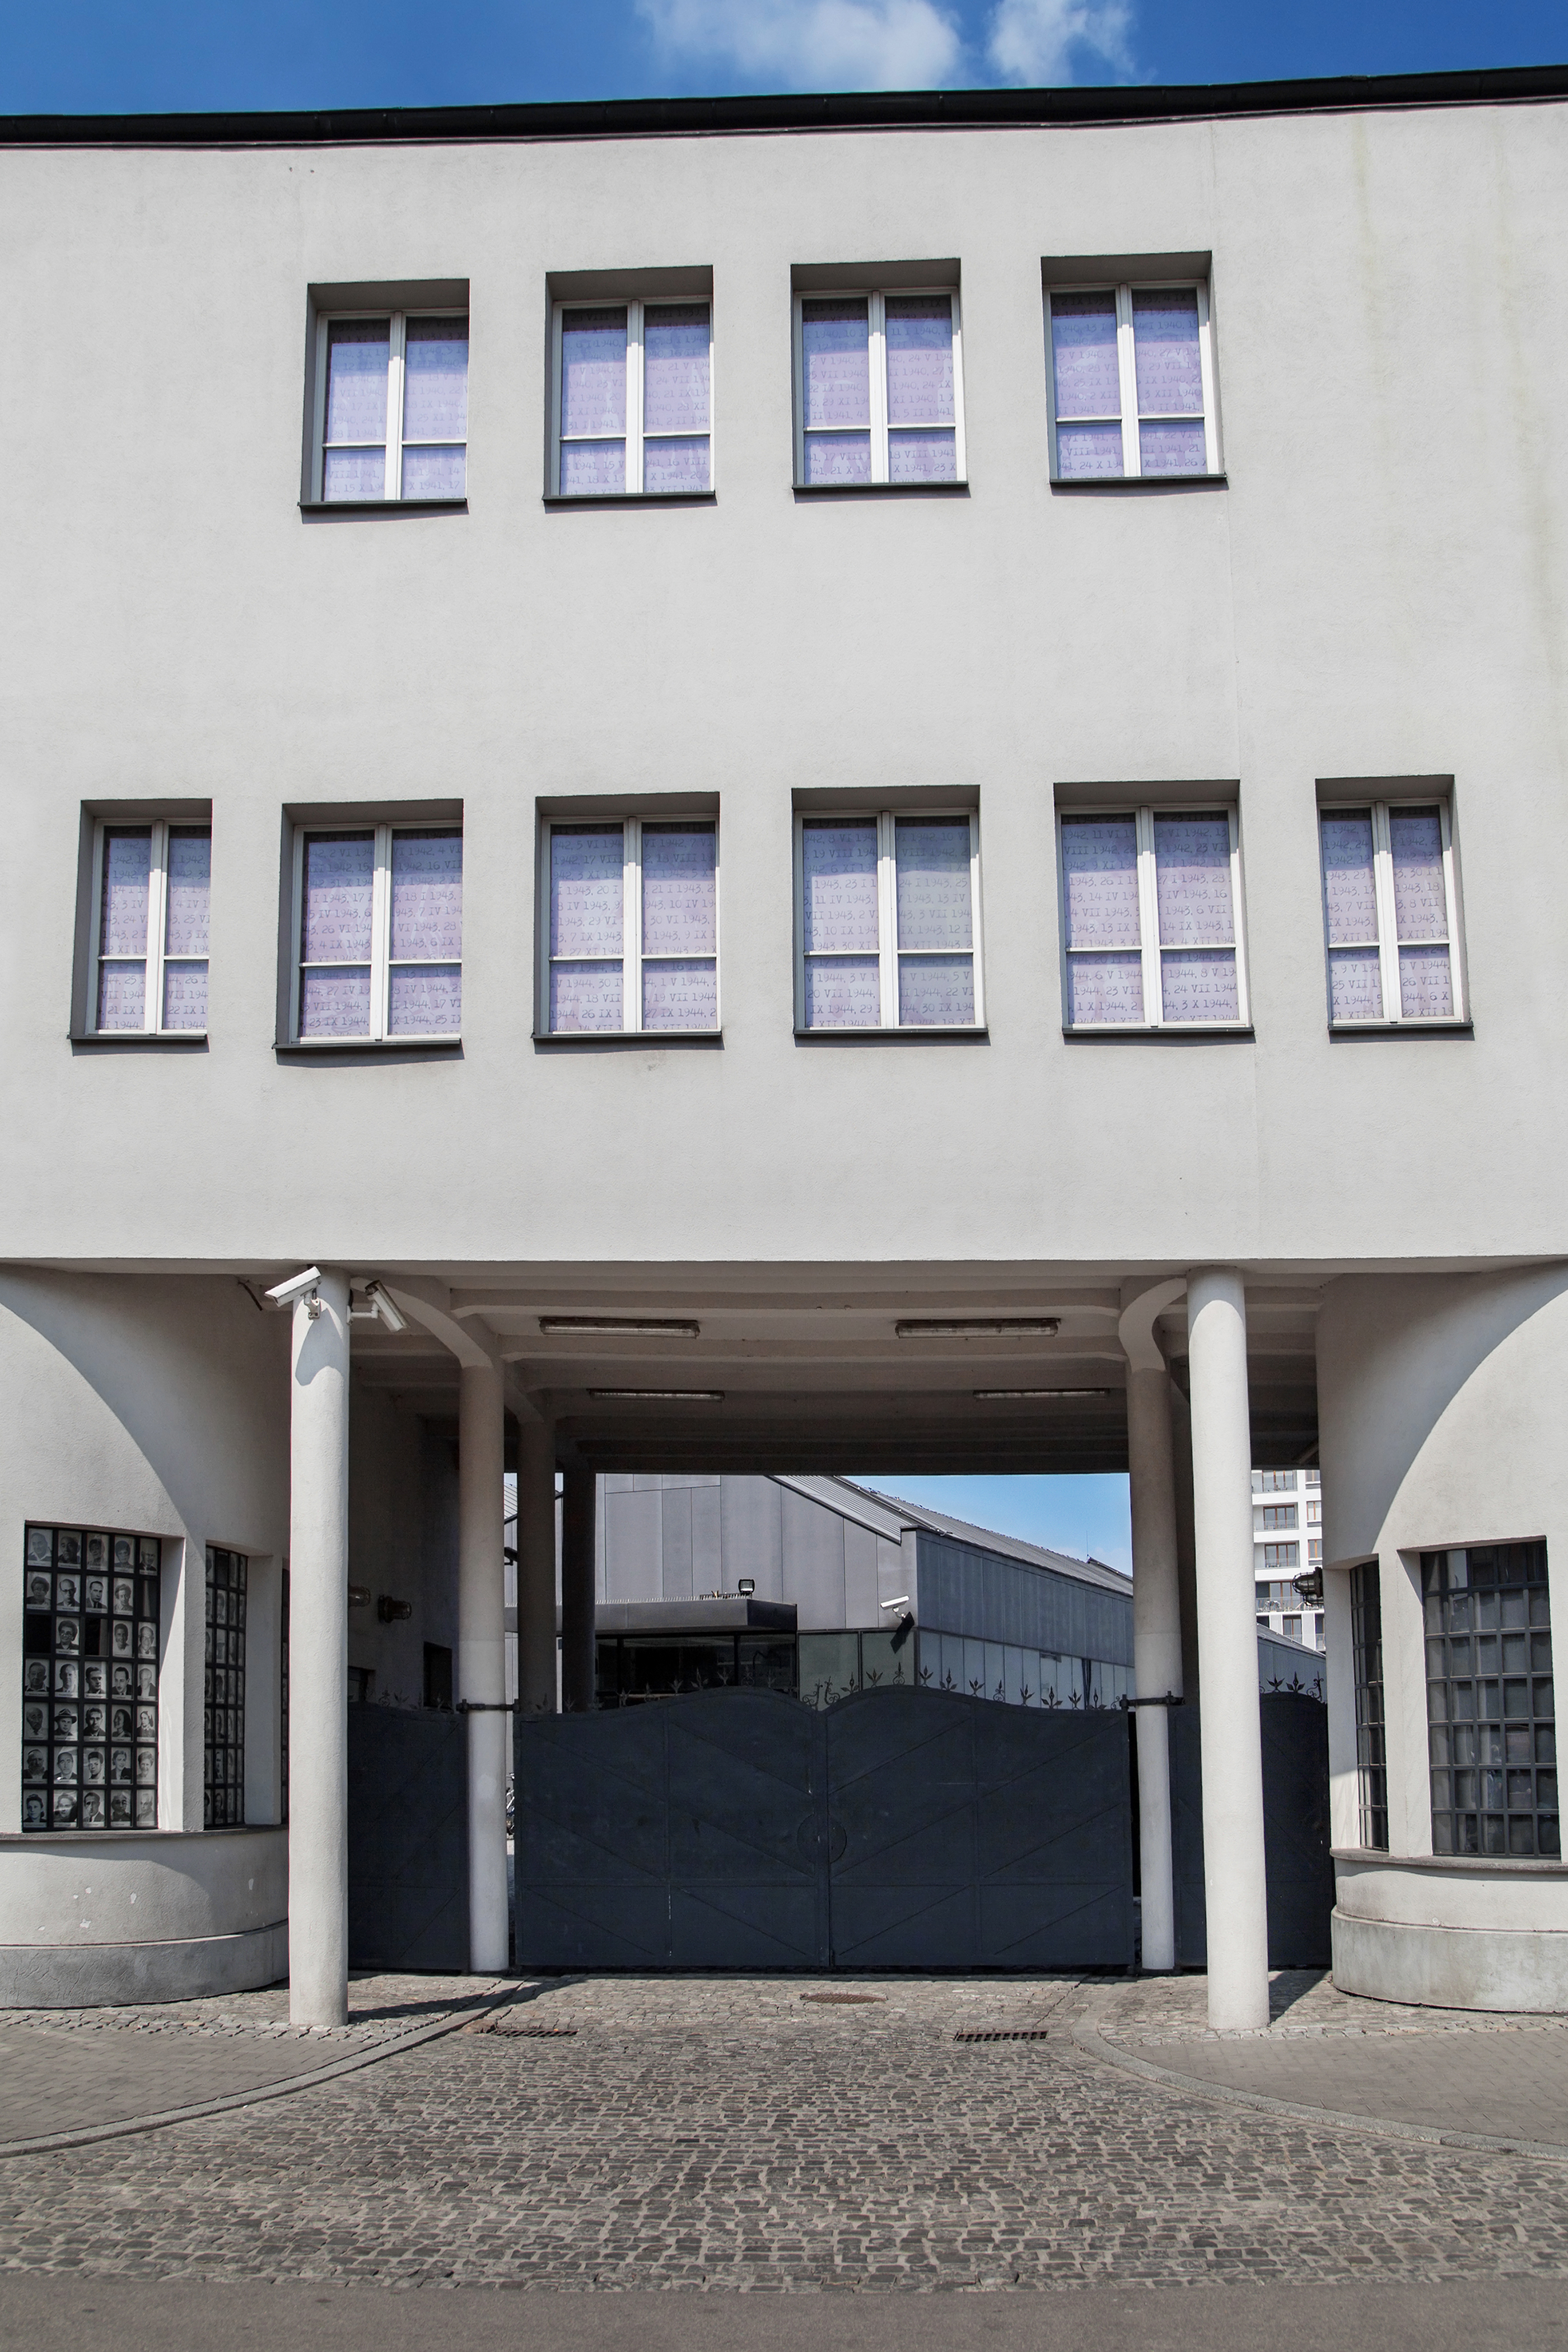 La fábrica de Schindler; de la producción hollywoodiense a la realidad - República Checa Circuito Praga y Polonia al completo